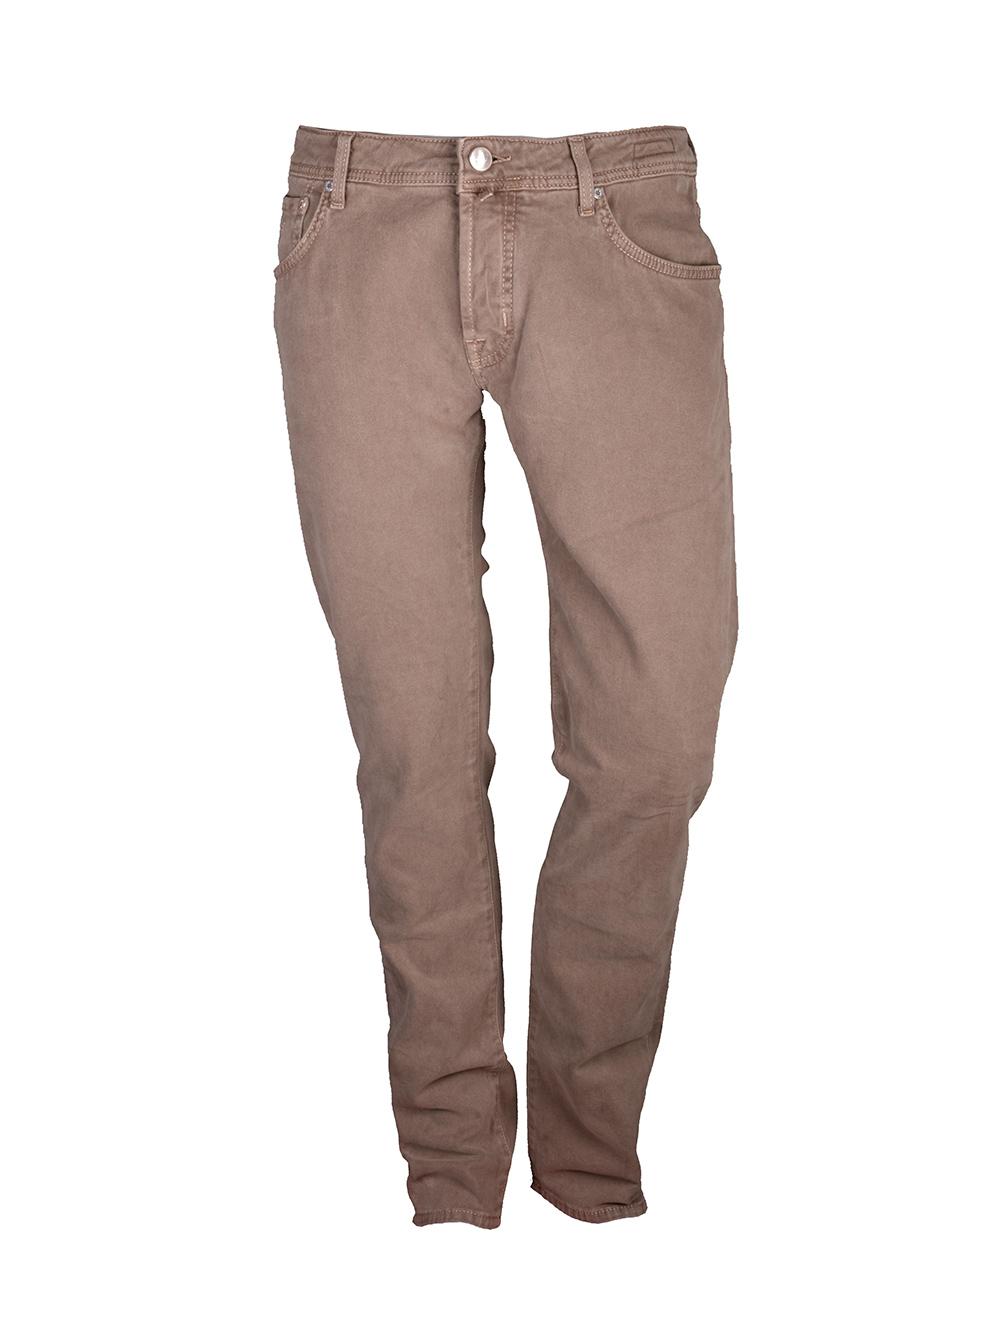 JACOB COHEN Παντελόνι Jeans J622 COMF05406V-943 ΜΠΕΖ